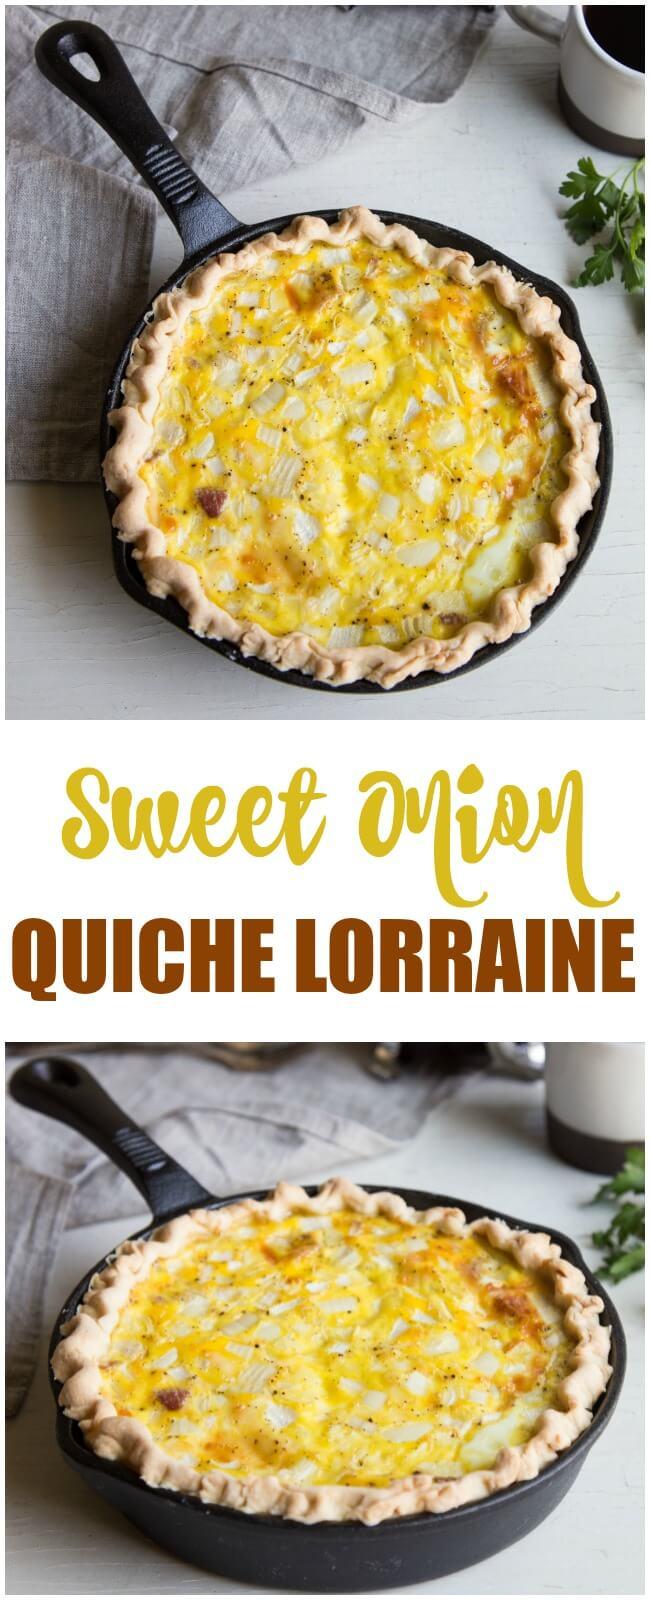 Sweet Onion Quiche Lorraine